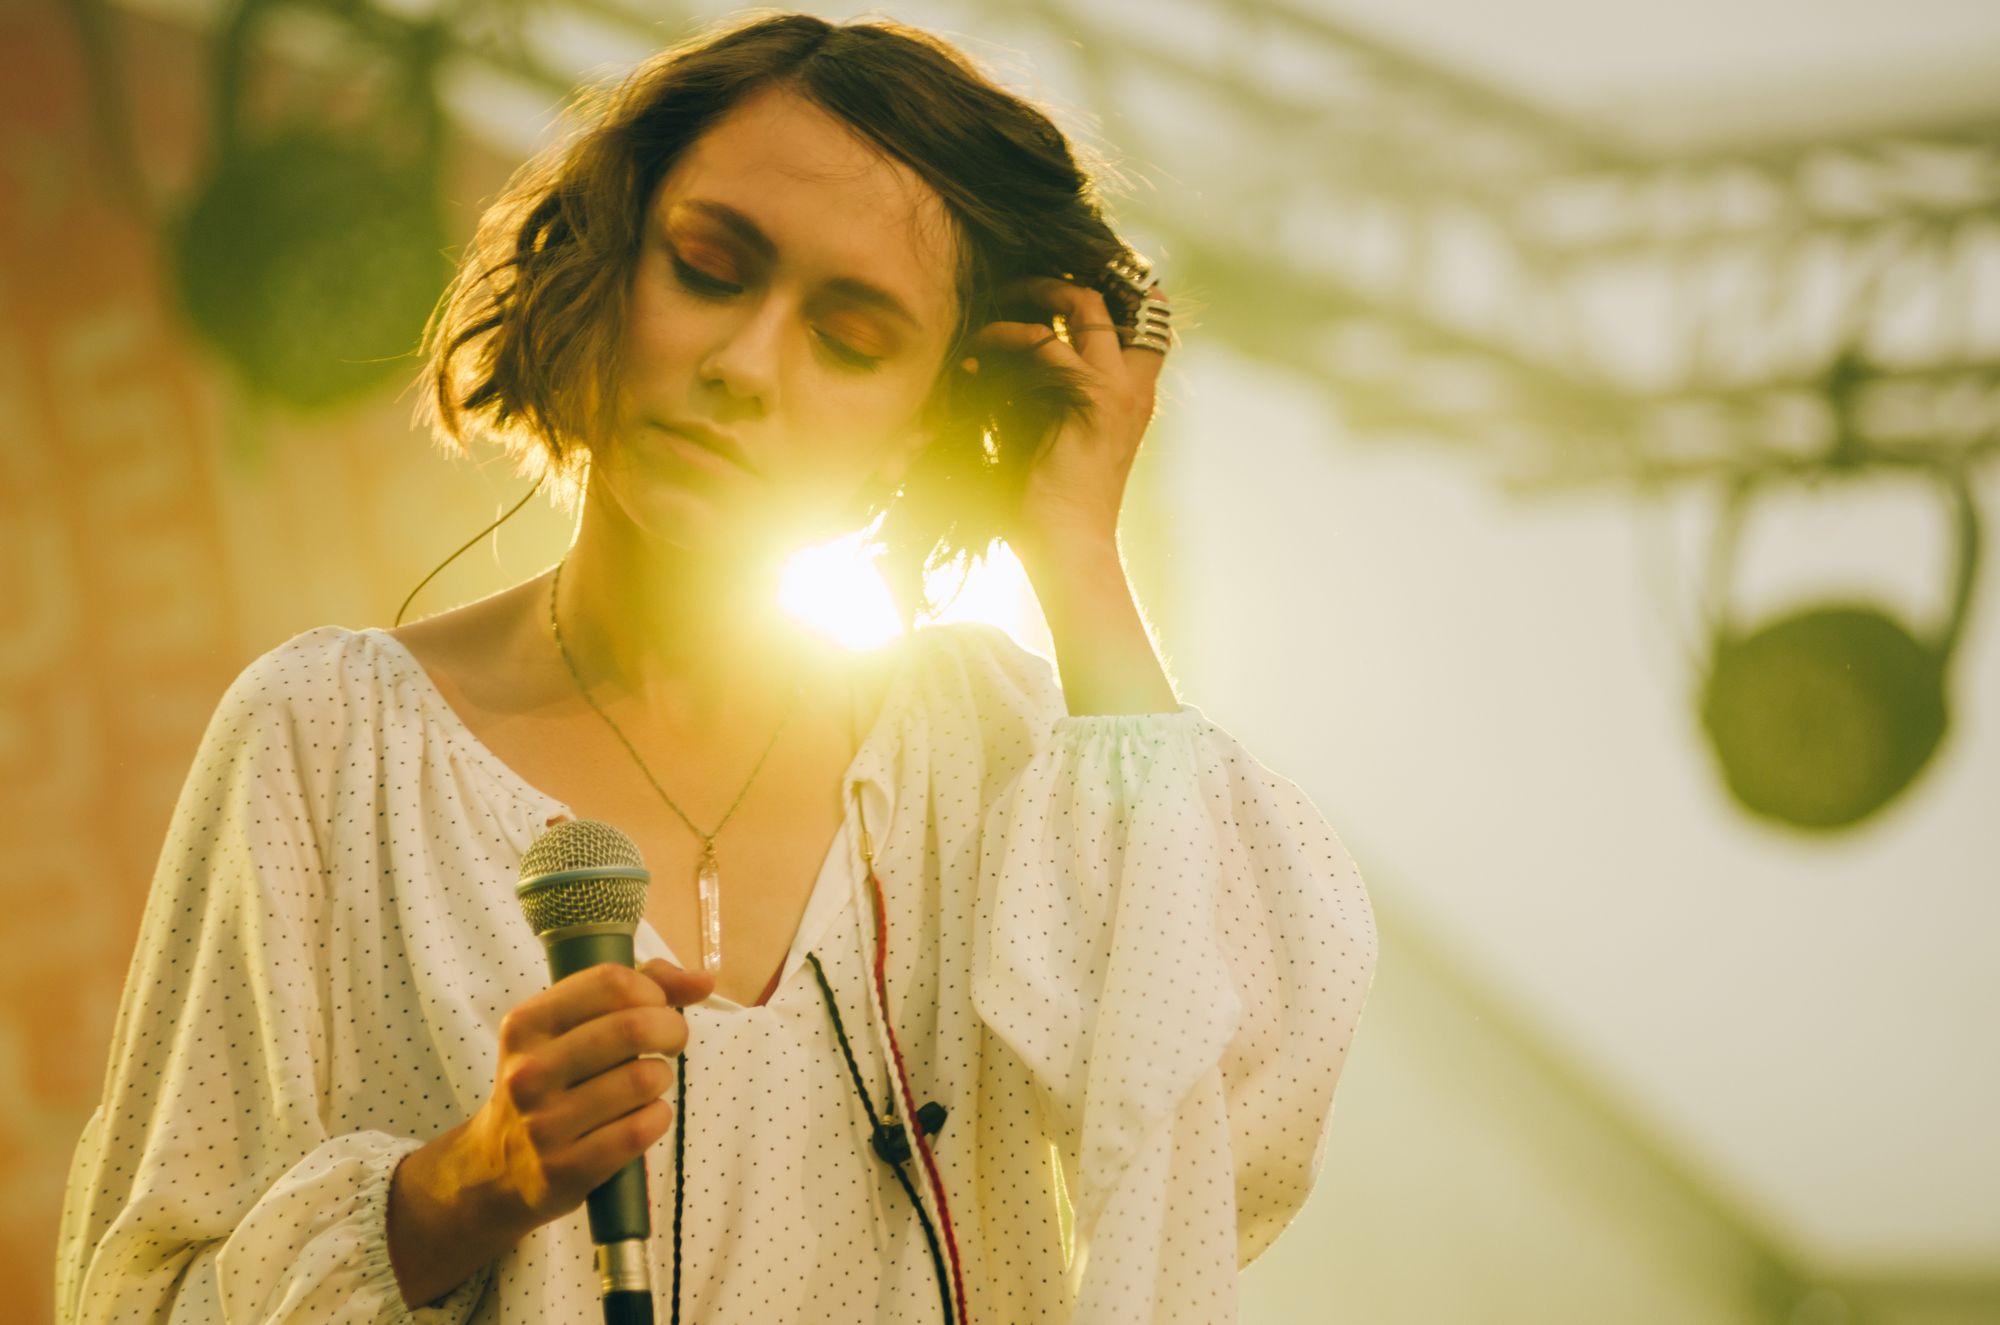 [Koncert Grisly Faye. Zbliżenie na wokalistkę Margarytę Kulichovą. Kobieta ma sentymentalnie przymknięte oczy. W jednej ręce trzyma mikrofon, drugą poprawia włosy. Zza jej ramienia przebija ciepłe żółte światło. Wyczuwa się wyjątkową, magiczną atmosferę.]